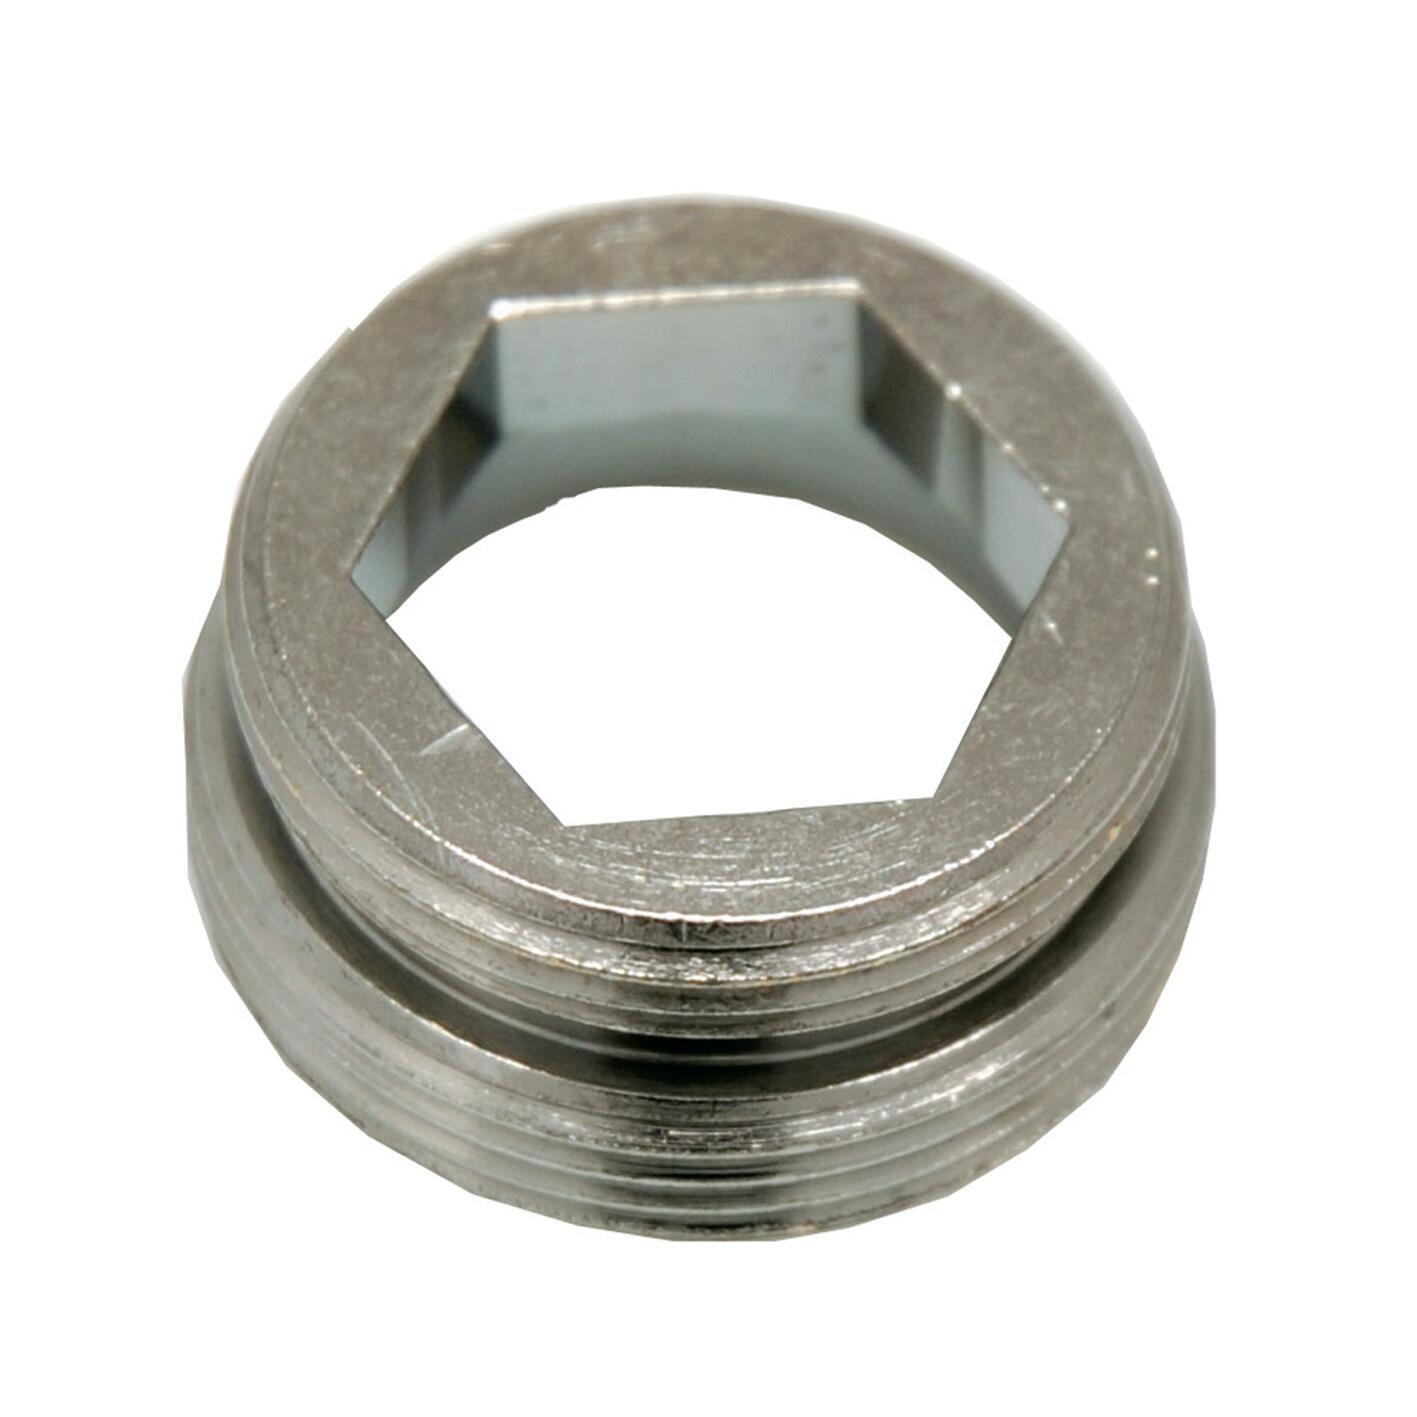 Adattatore per rompigetto Ø 24 mm - 1